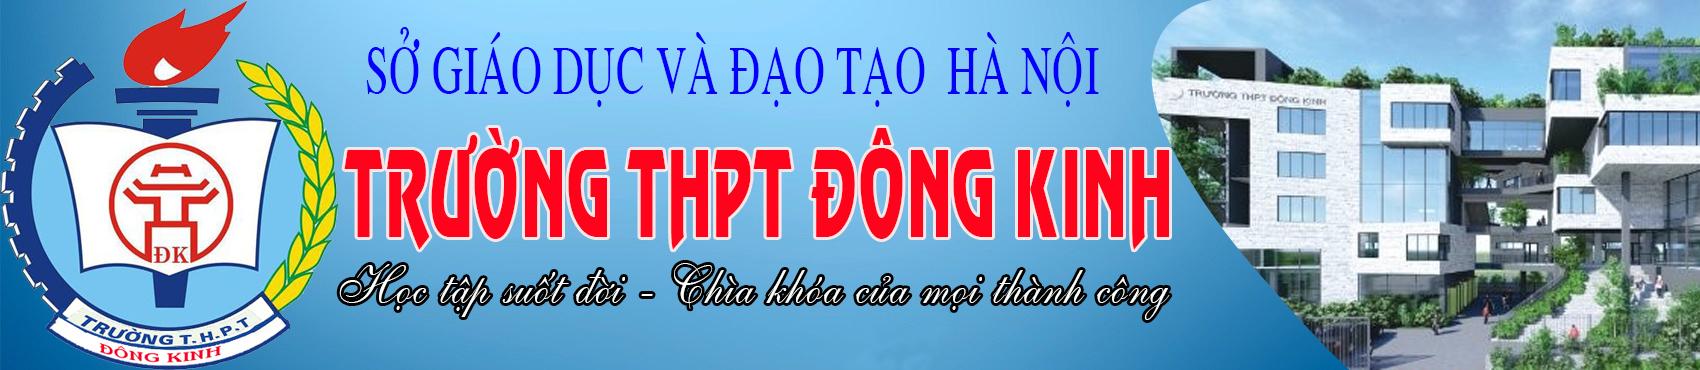 THPT Đông Kinh